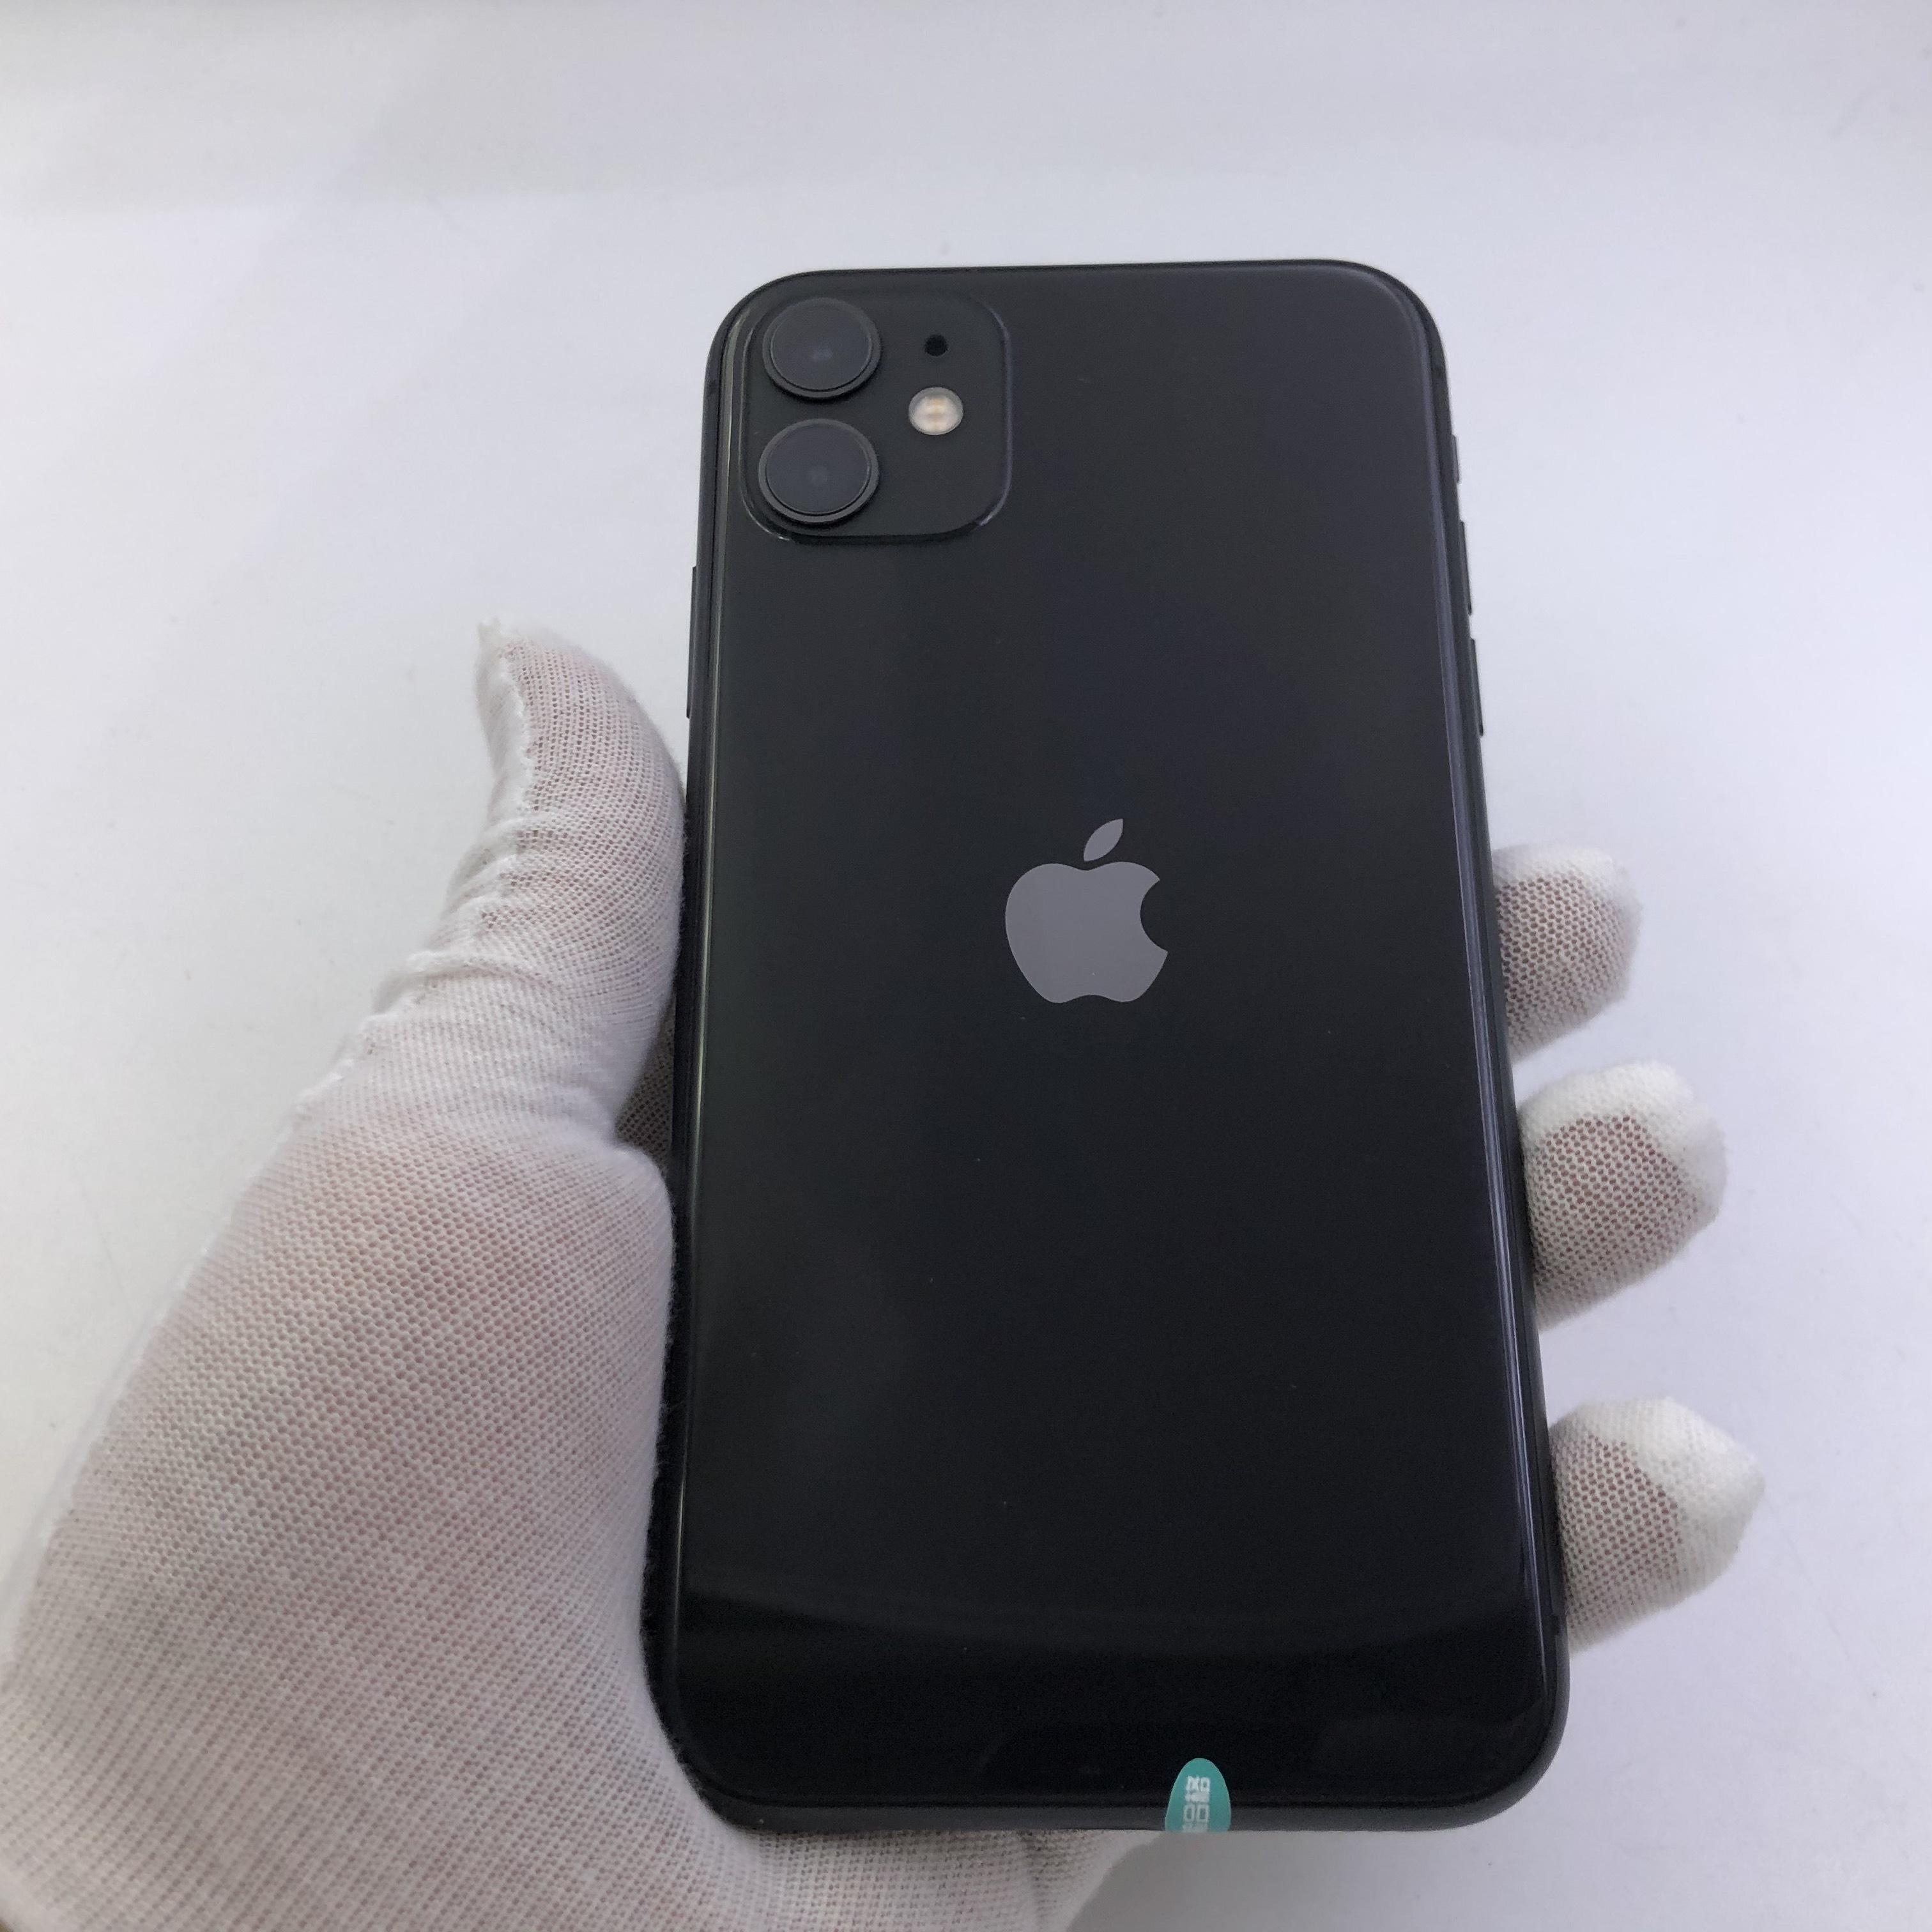 苹果【iPhone 11】4G全网通 黑色 64G 国行 9成新